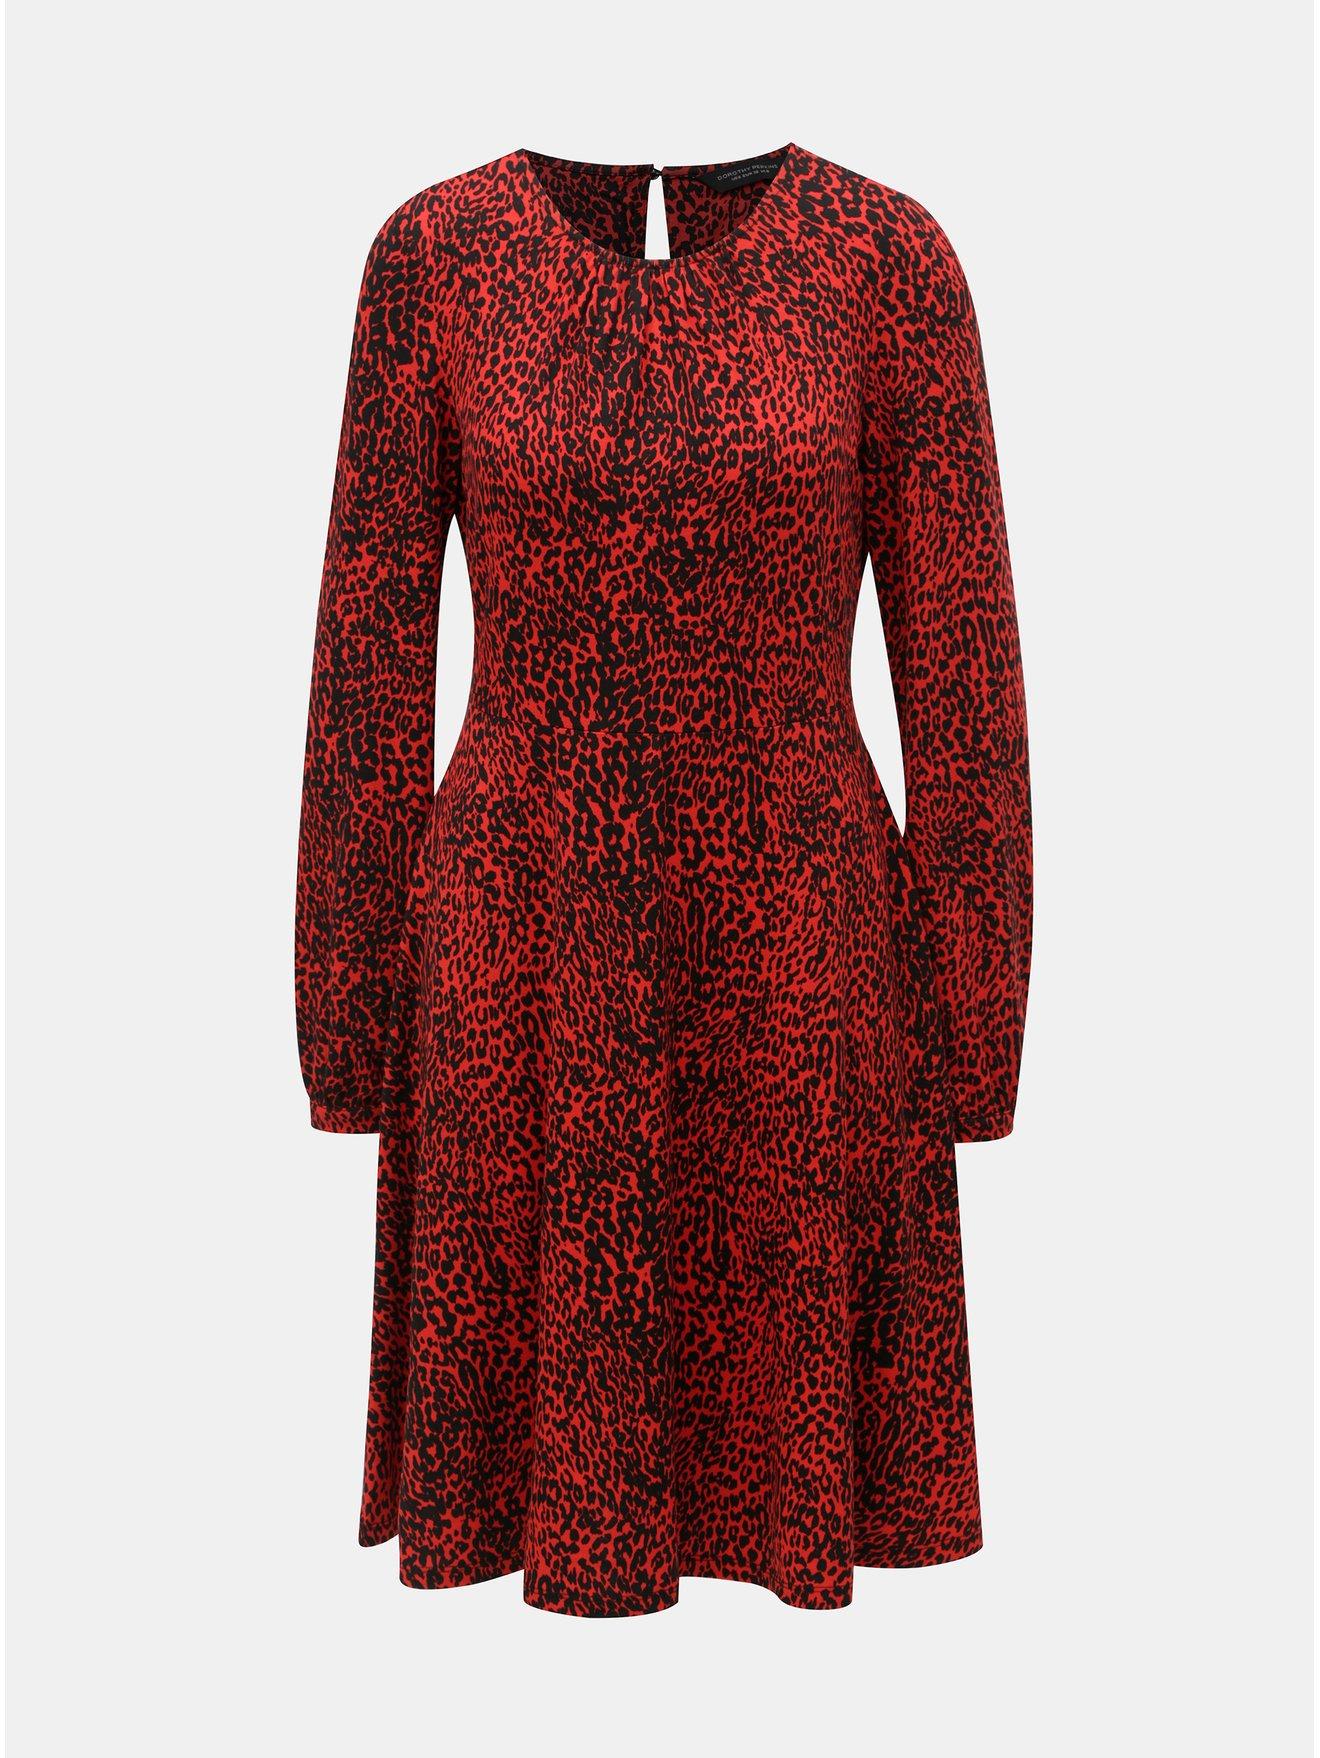 Černo-červené šaty s gepardím vzorem Dorothy Perkins a9baa4aee4